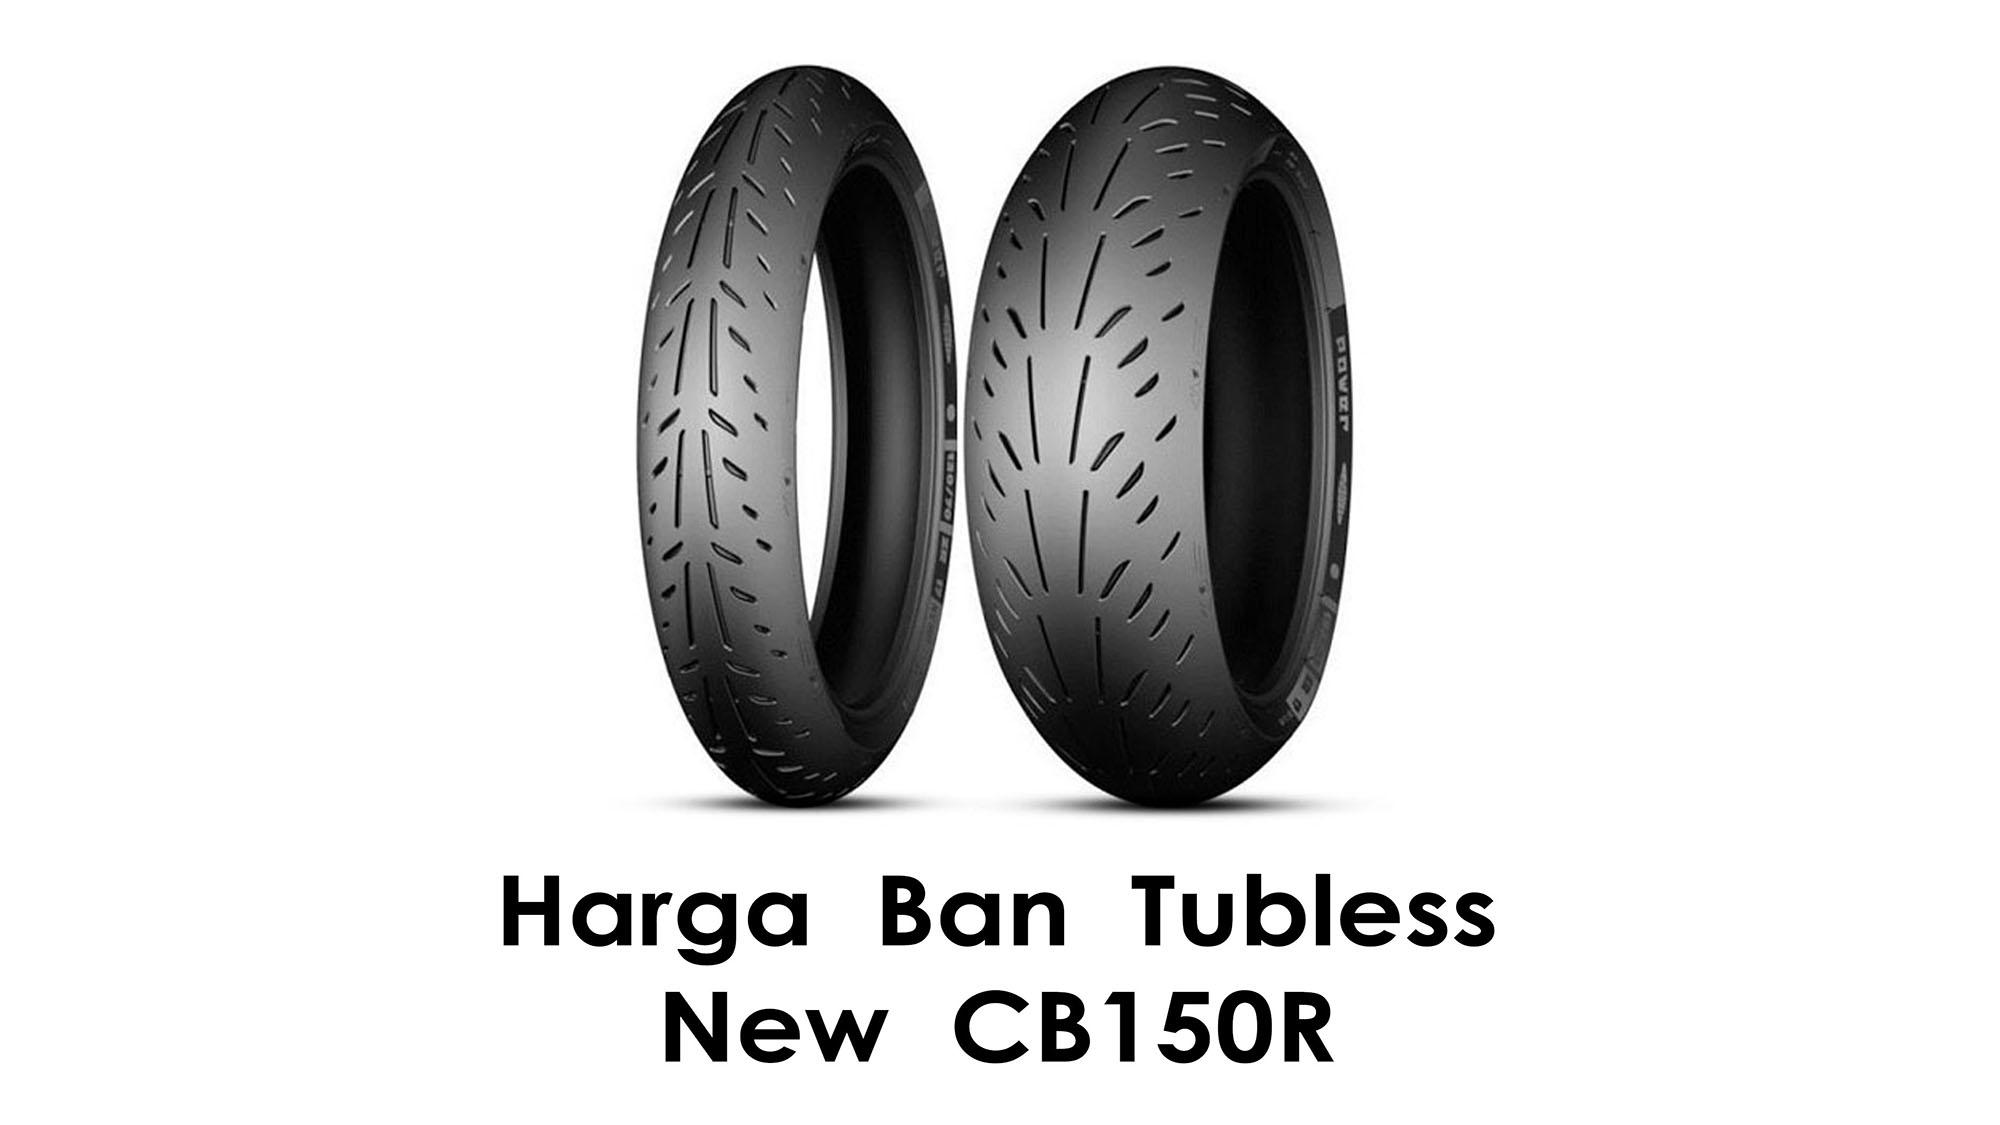 Harga ban tubless untuk CB150R